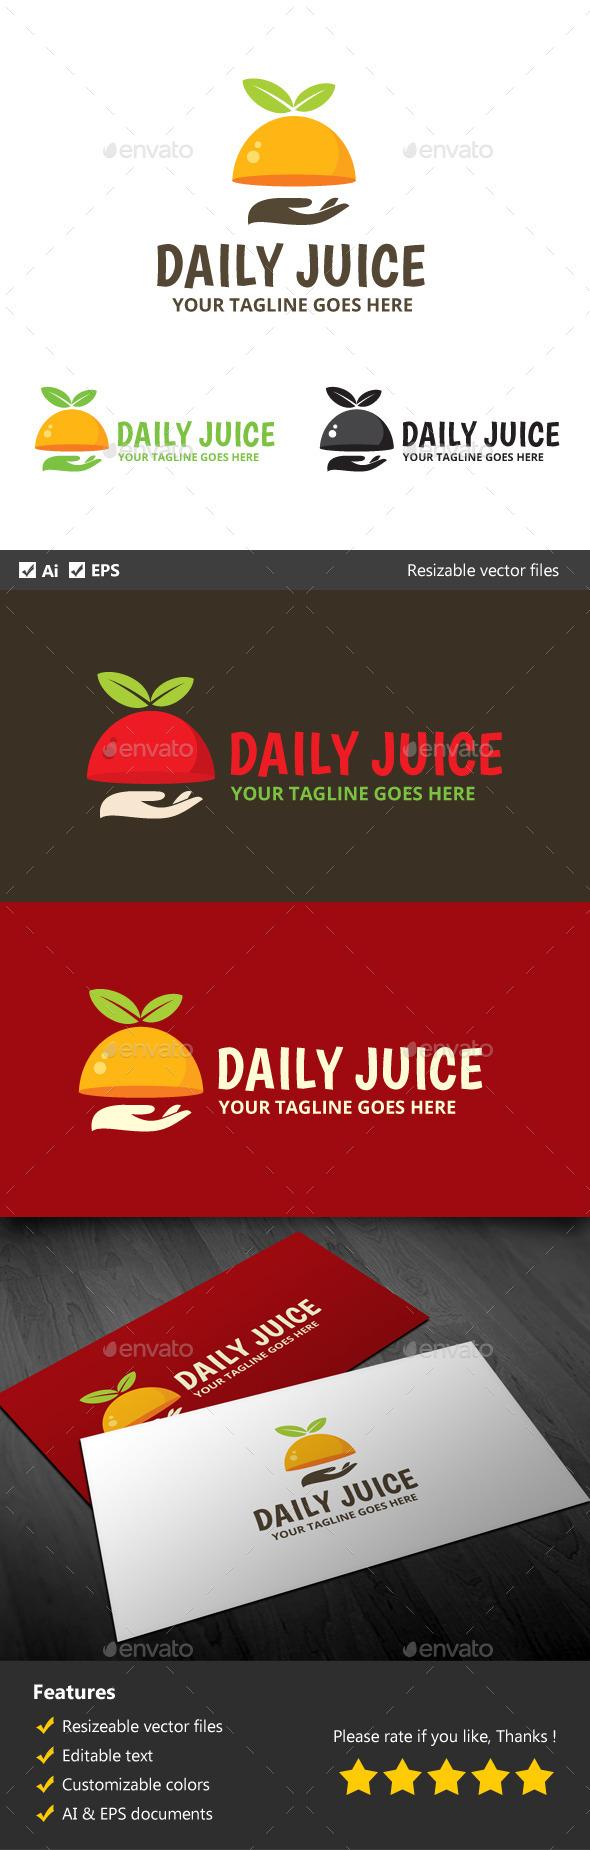 Daily Juice - Food Logo Templates